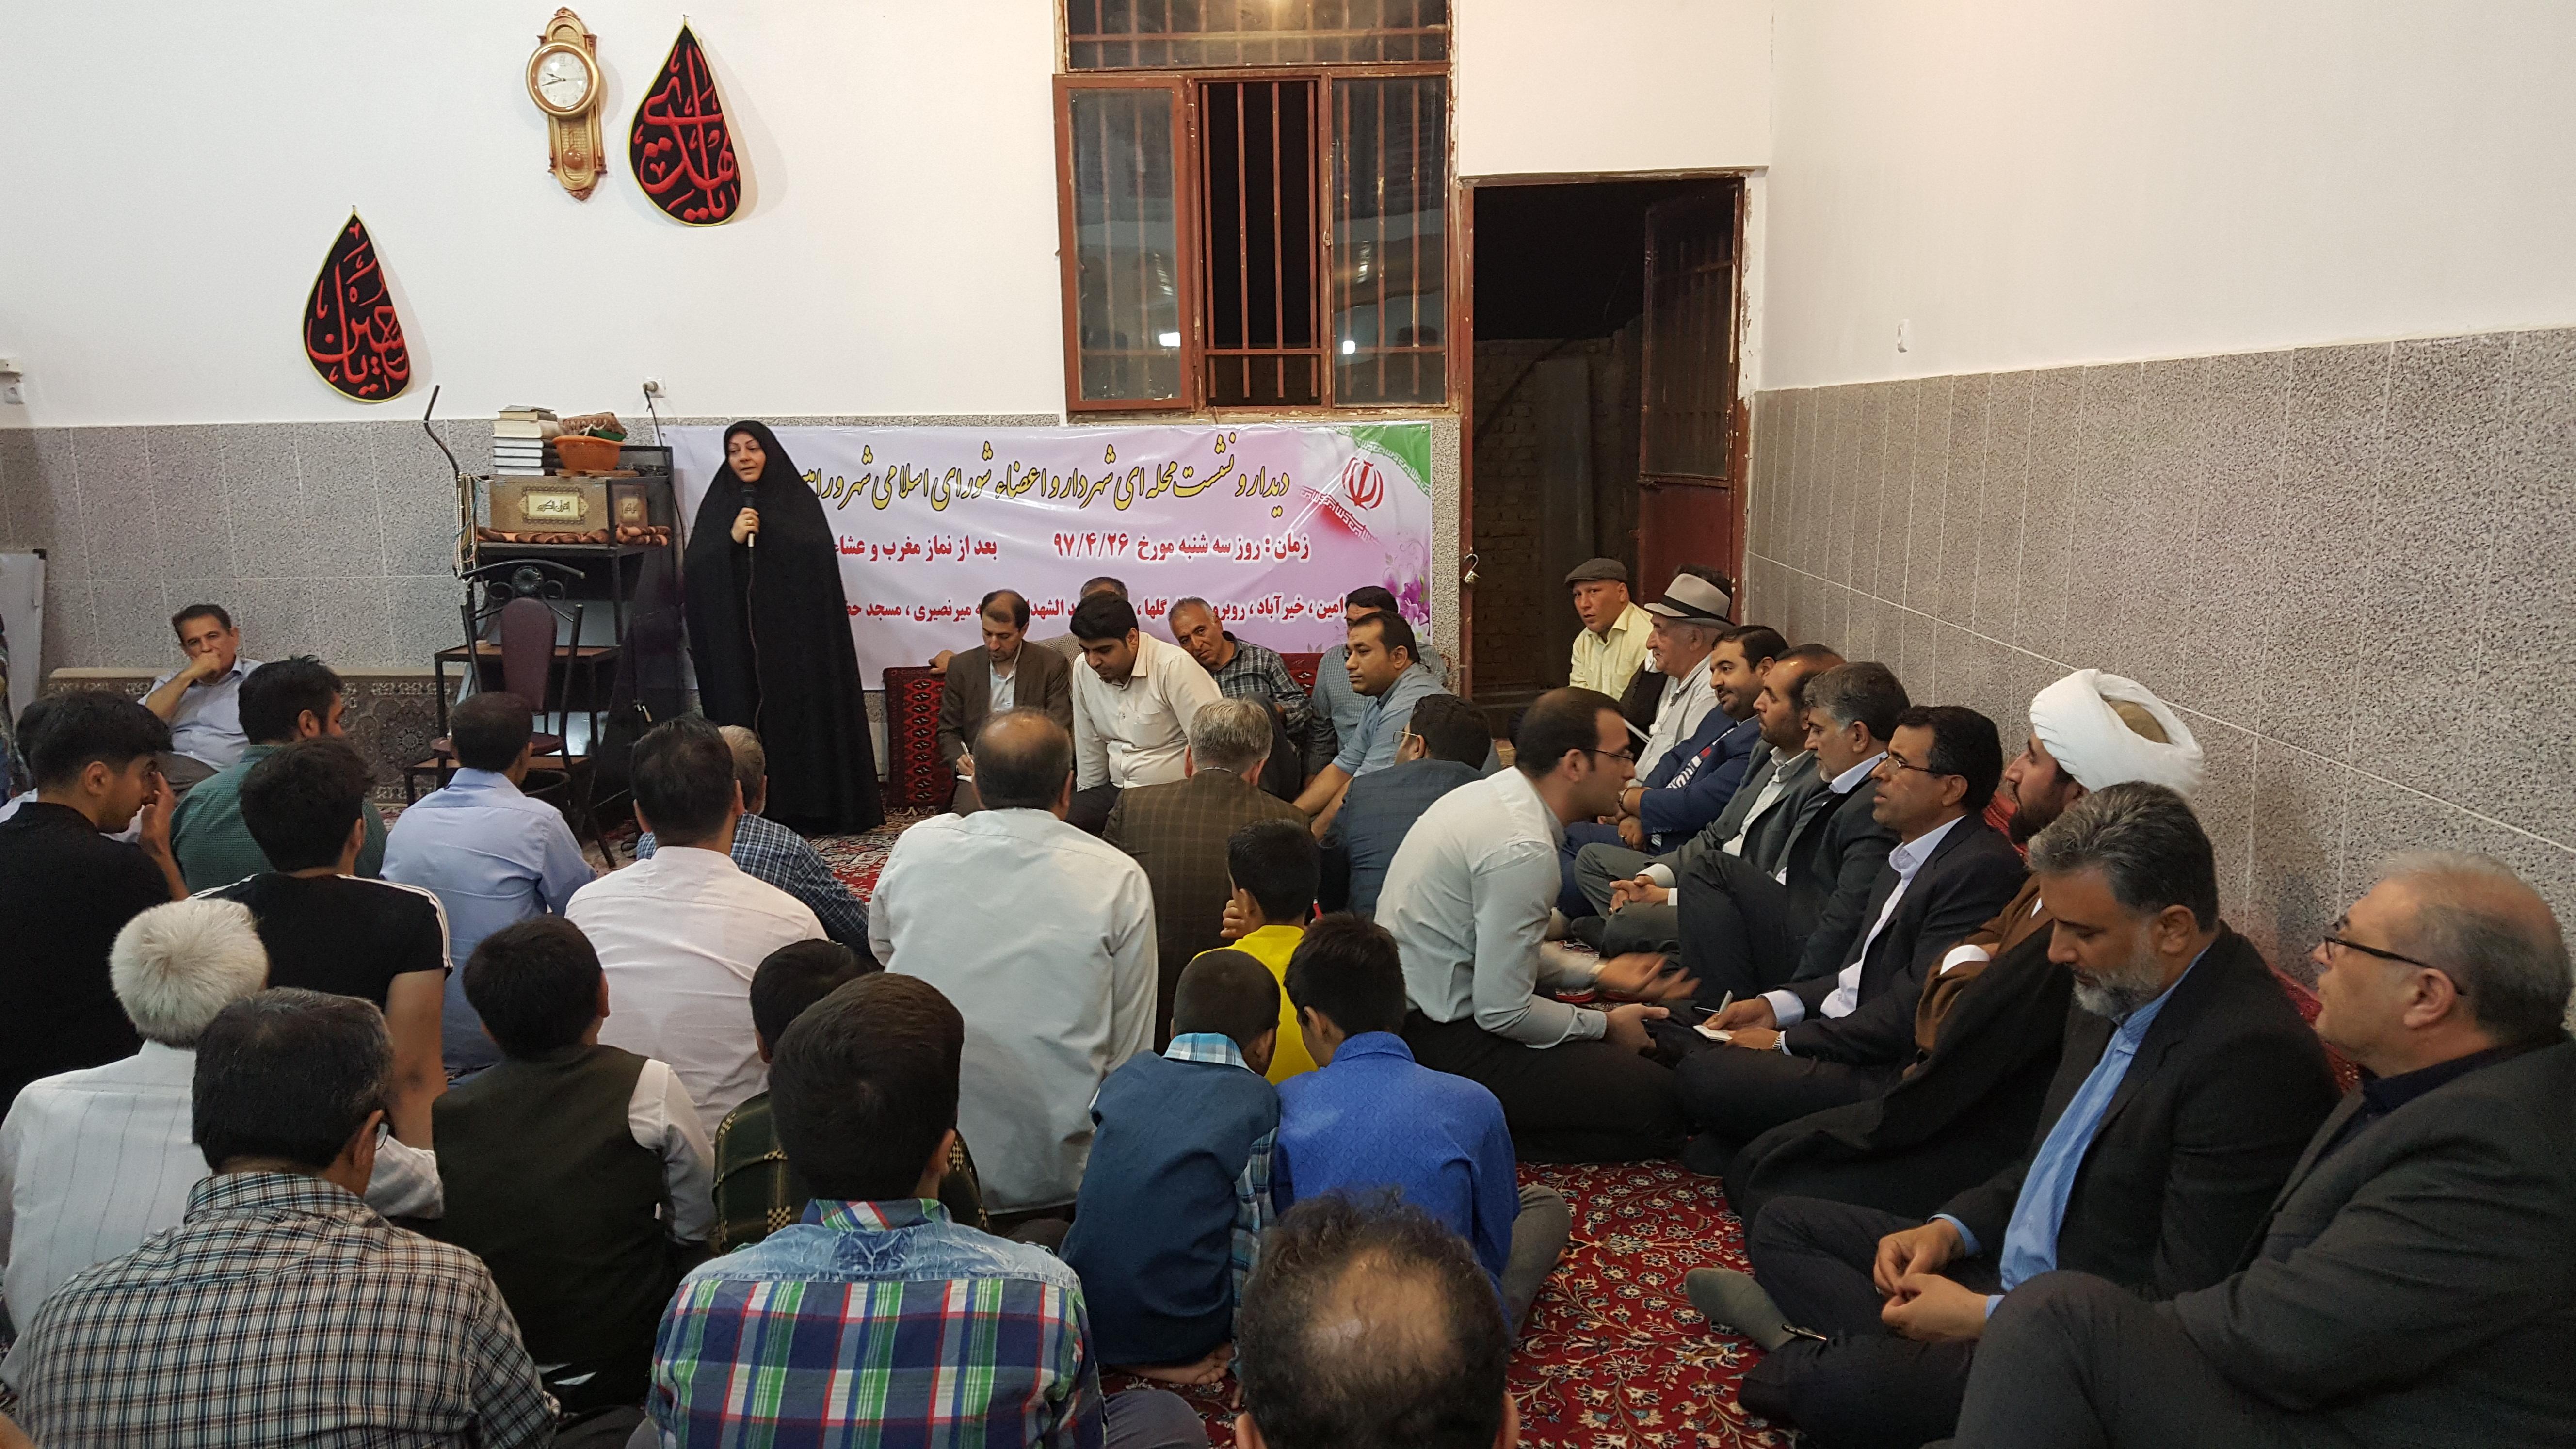 خانم زهرا هداوند میرزایی :مساجد را به عنوان محل رسیدگی به امور مردم در شهر قرار دادیم